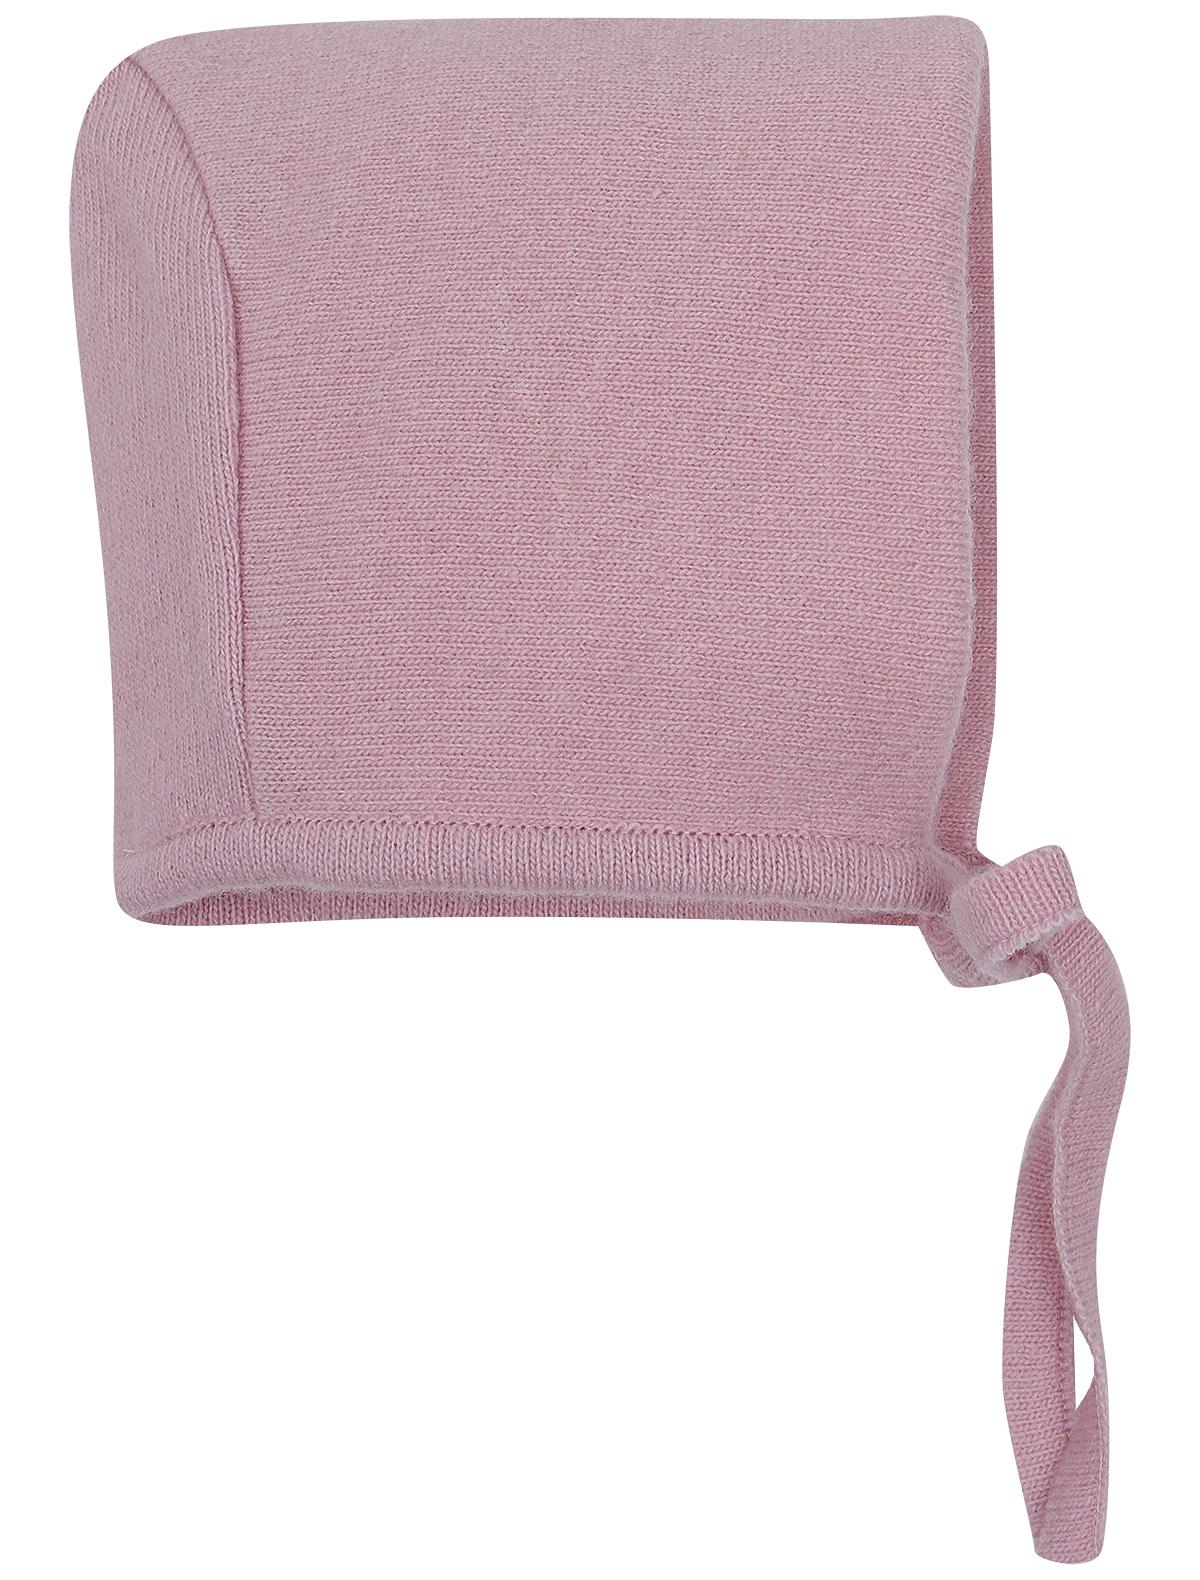 Купить 2257218, Шапка Air wool, розовый, Женский, 1354509082142